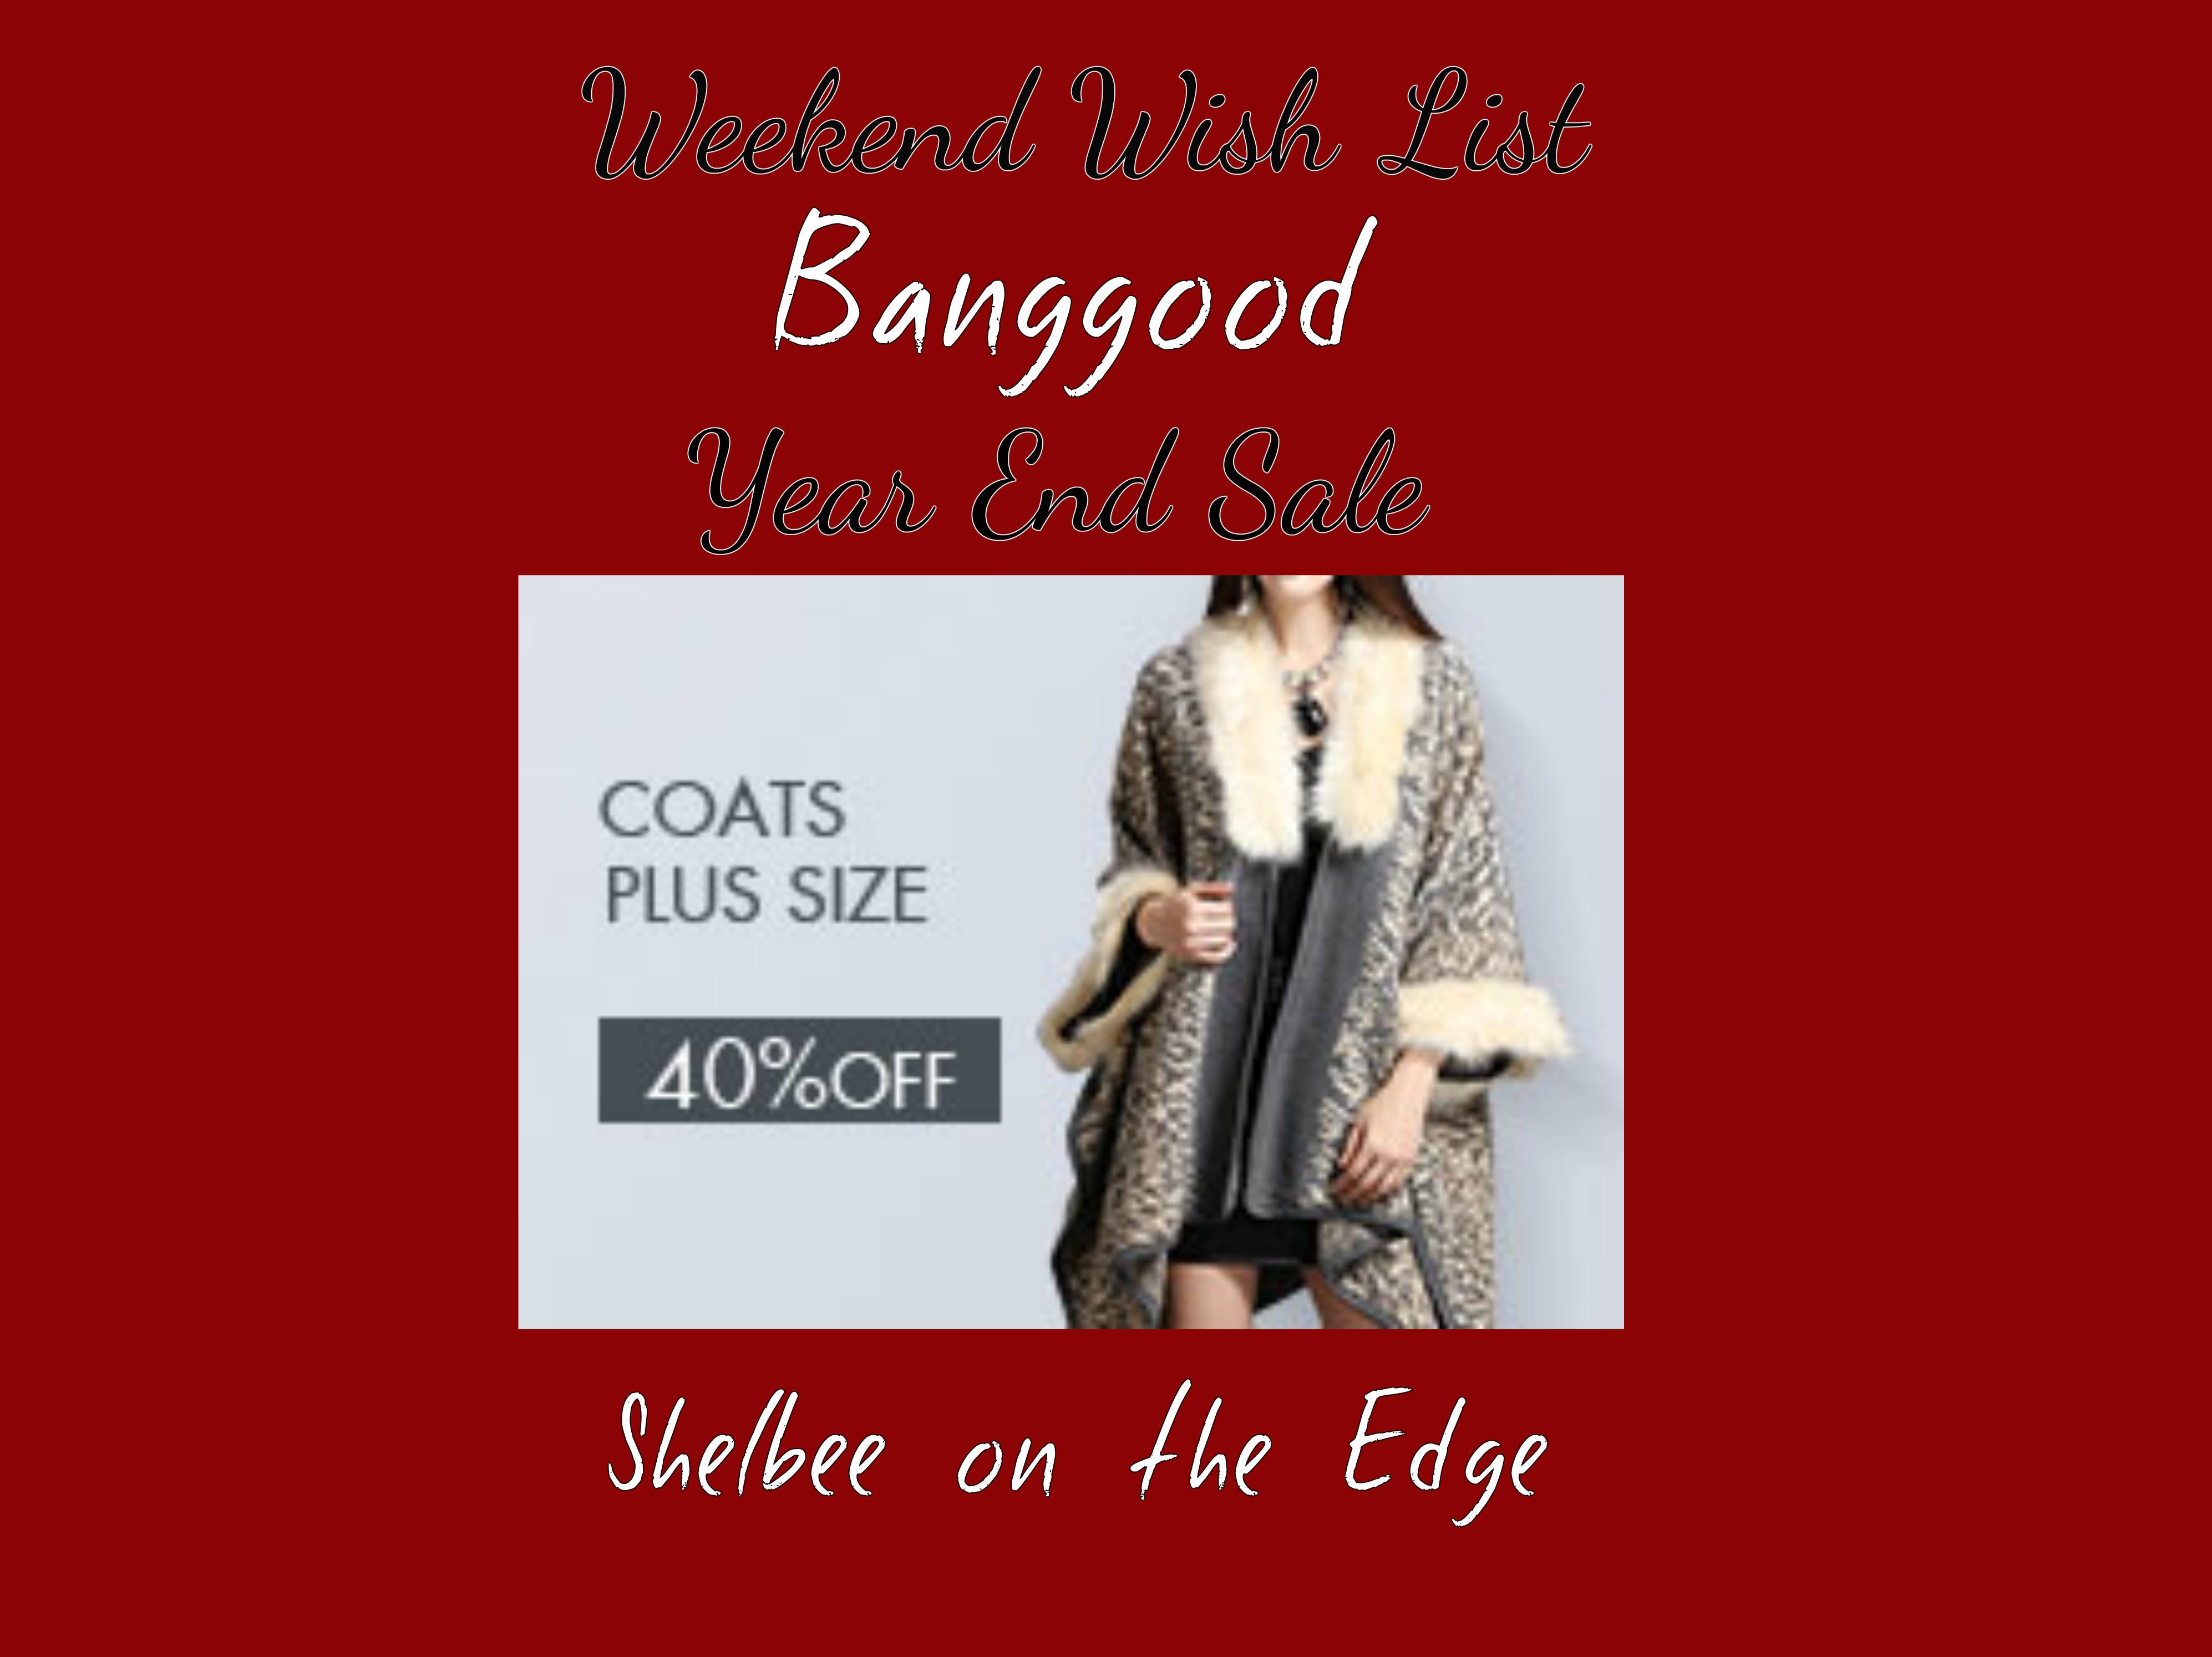 Weekend Wish List: Banggood Year End Sale